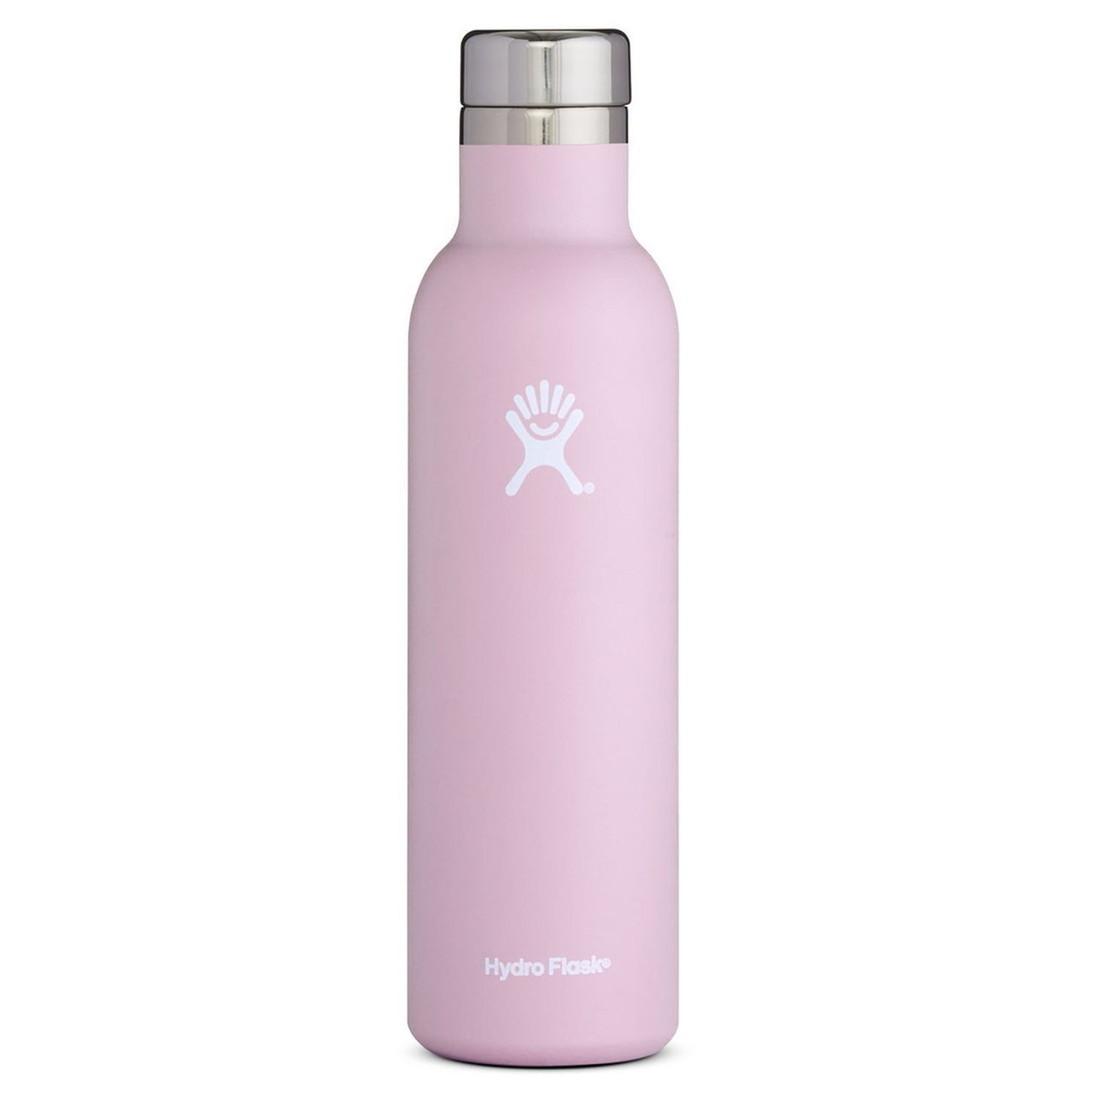 ハイドロフラスク ワインボトル 25oz 保温 保冷 ボトル  国内正規品